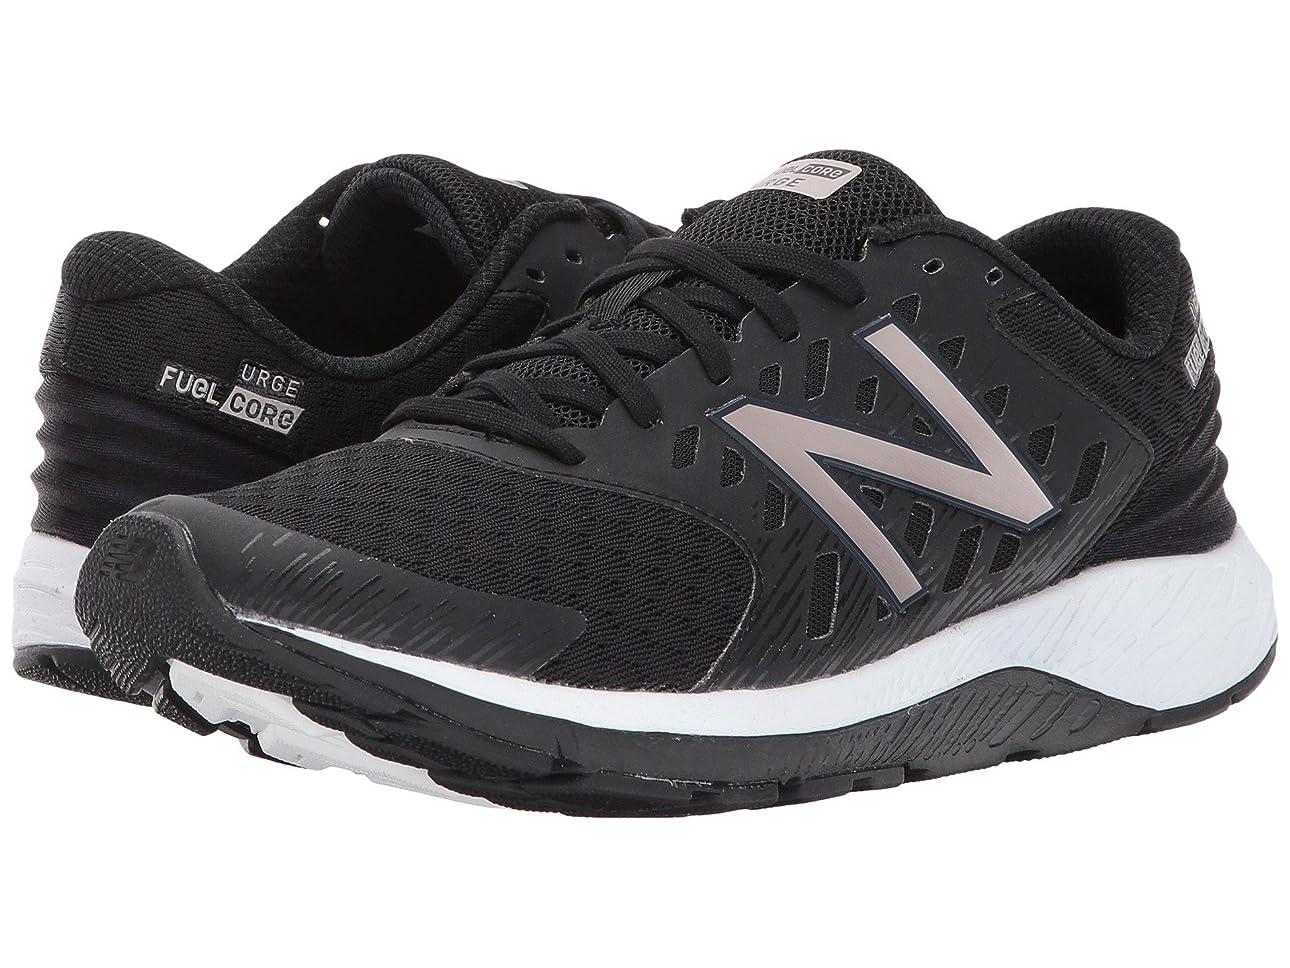 一晩ビジター乱暴な(ニューバランス) New Balance レディースランニングシューズ?スニーカー?靴 FuelCore Urge v2 Black/Champagne Metallic 10.5 (27.5cm) D - Wide